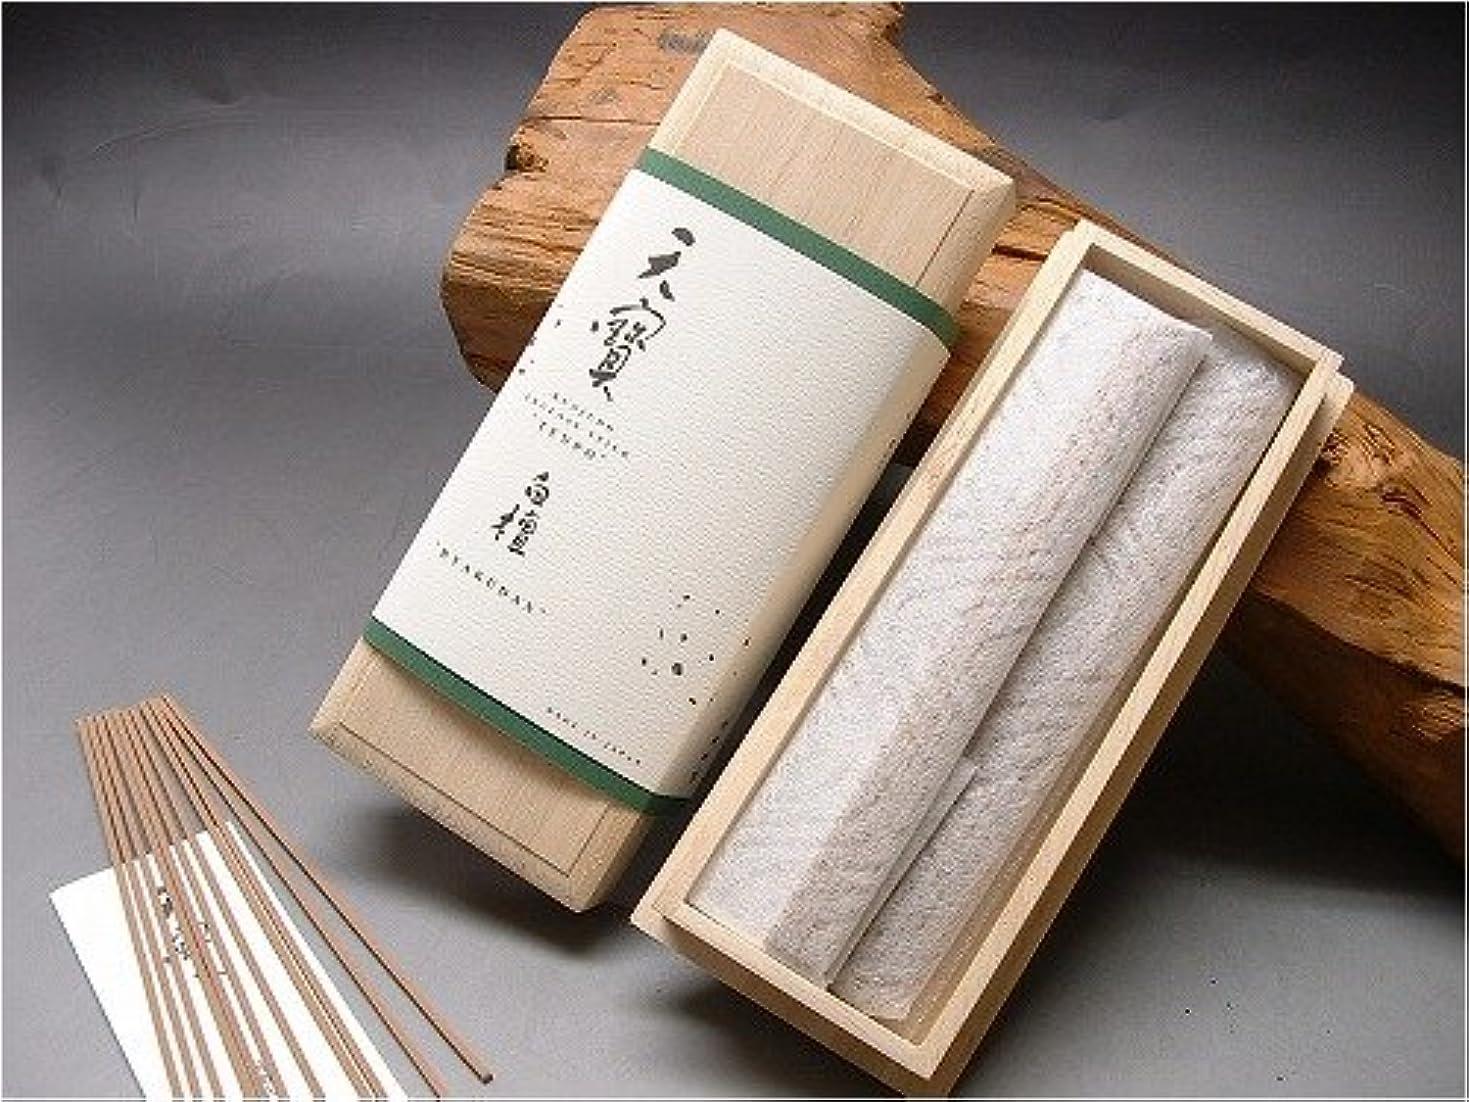 大破避難唇薫寿堂のお香 天寶 白檀 スティック型